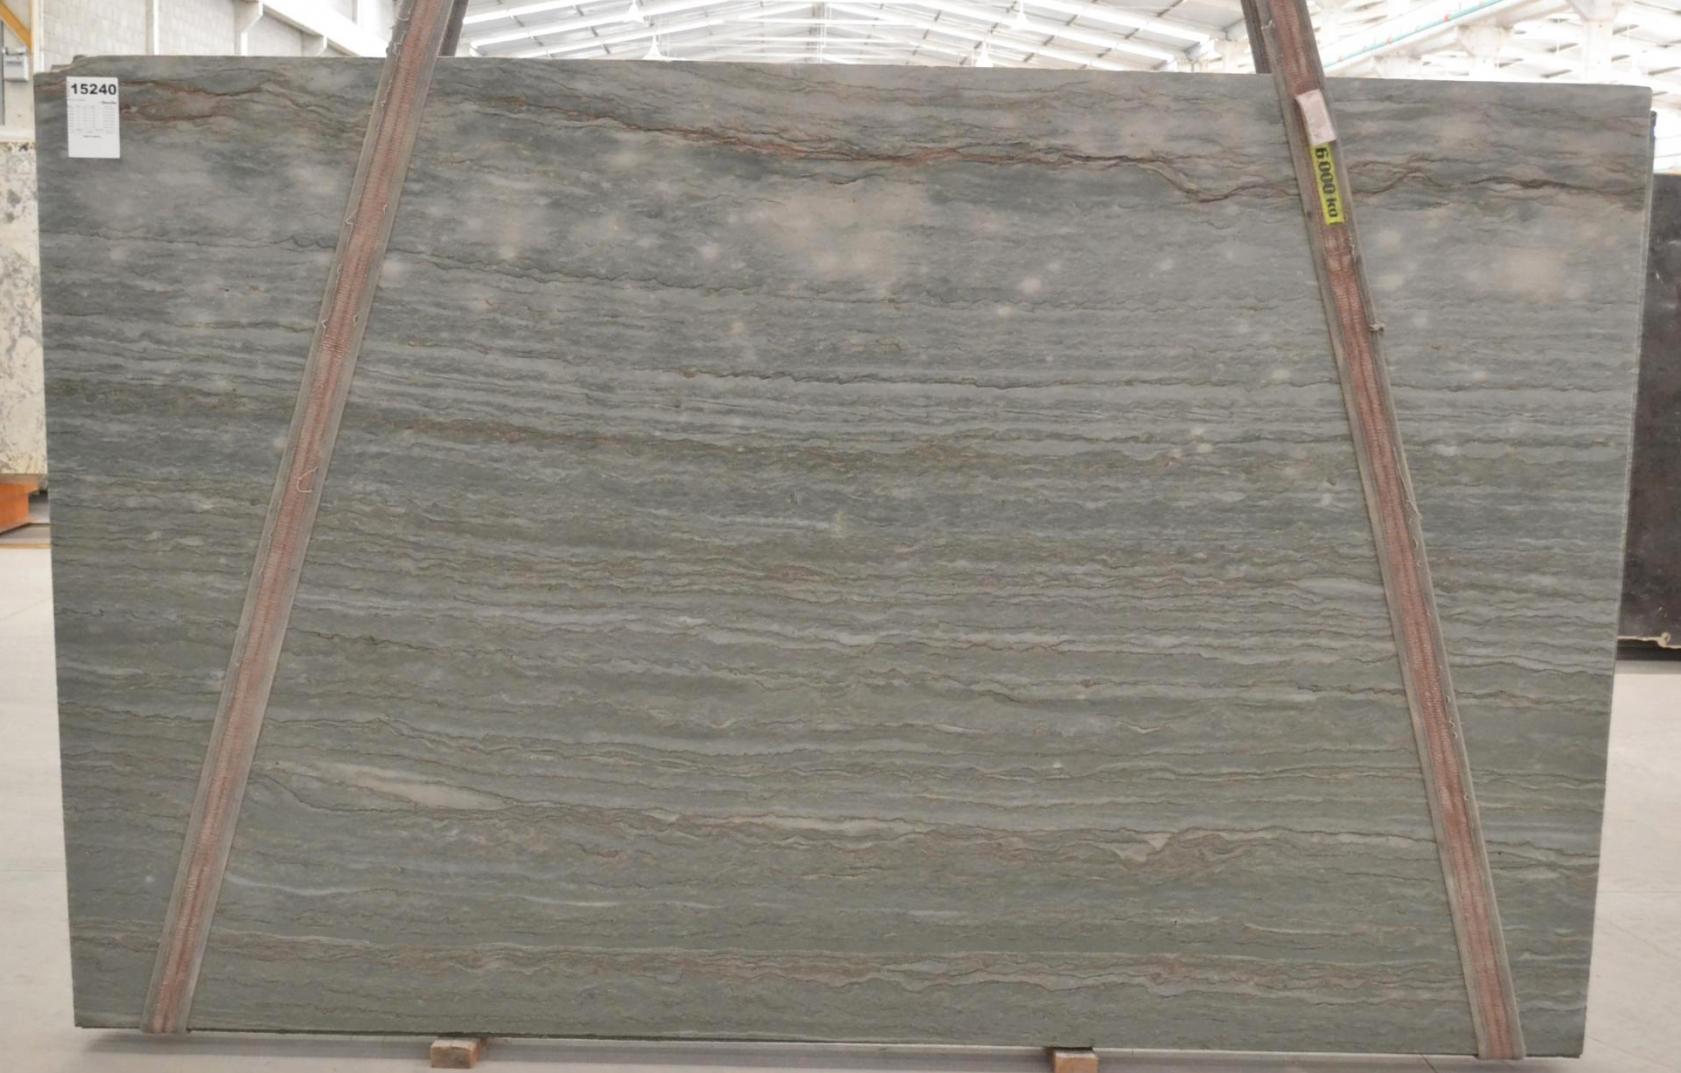 ESMERALDA Suministro Victoria (Brasil) de planchas pulidas en granito natural D-191022 , Bnd 15240